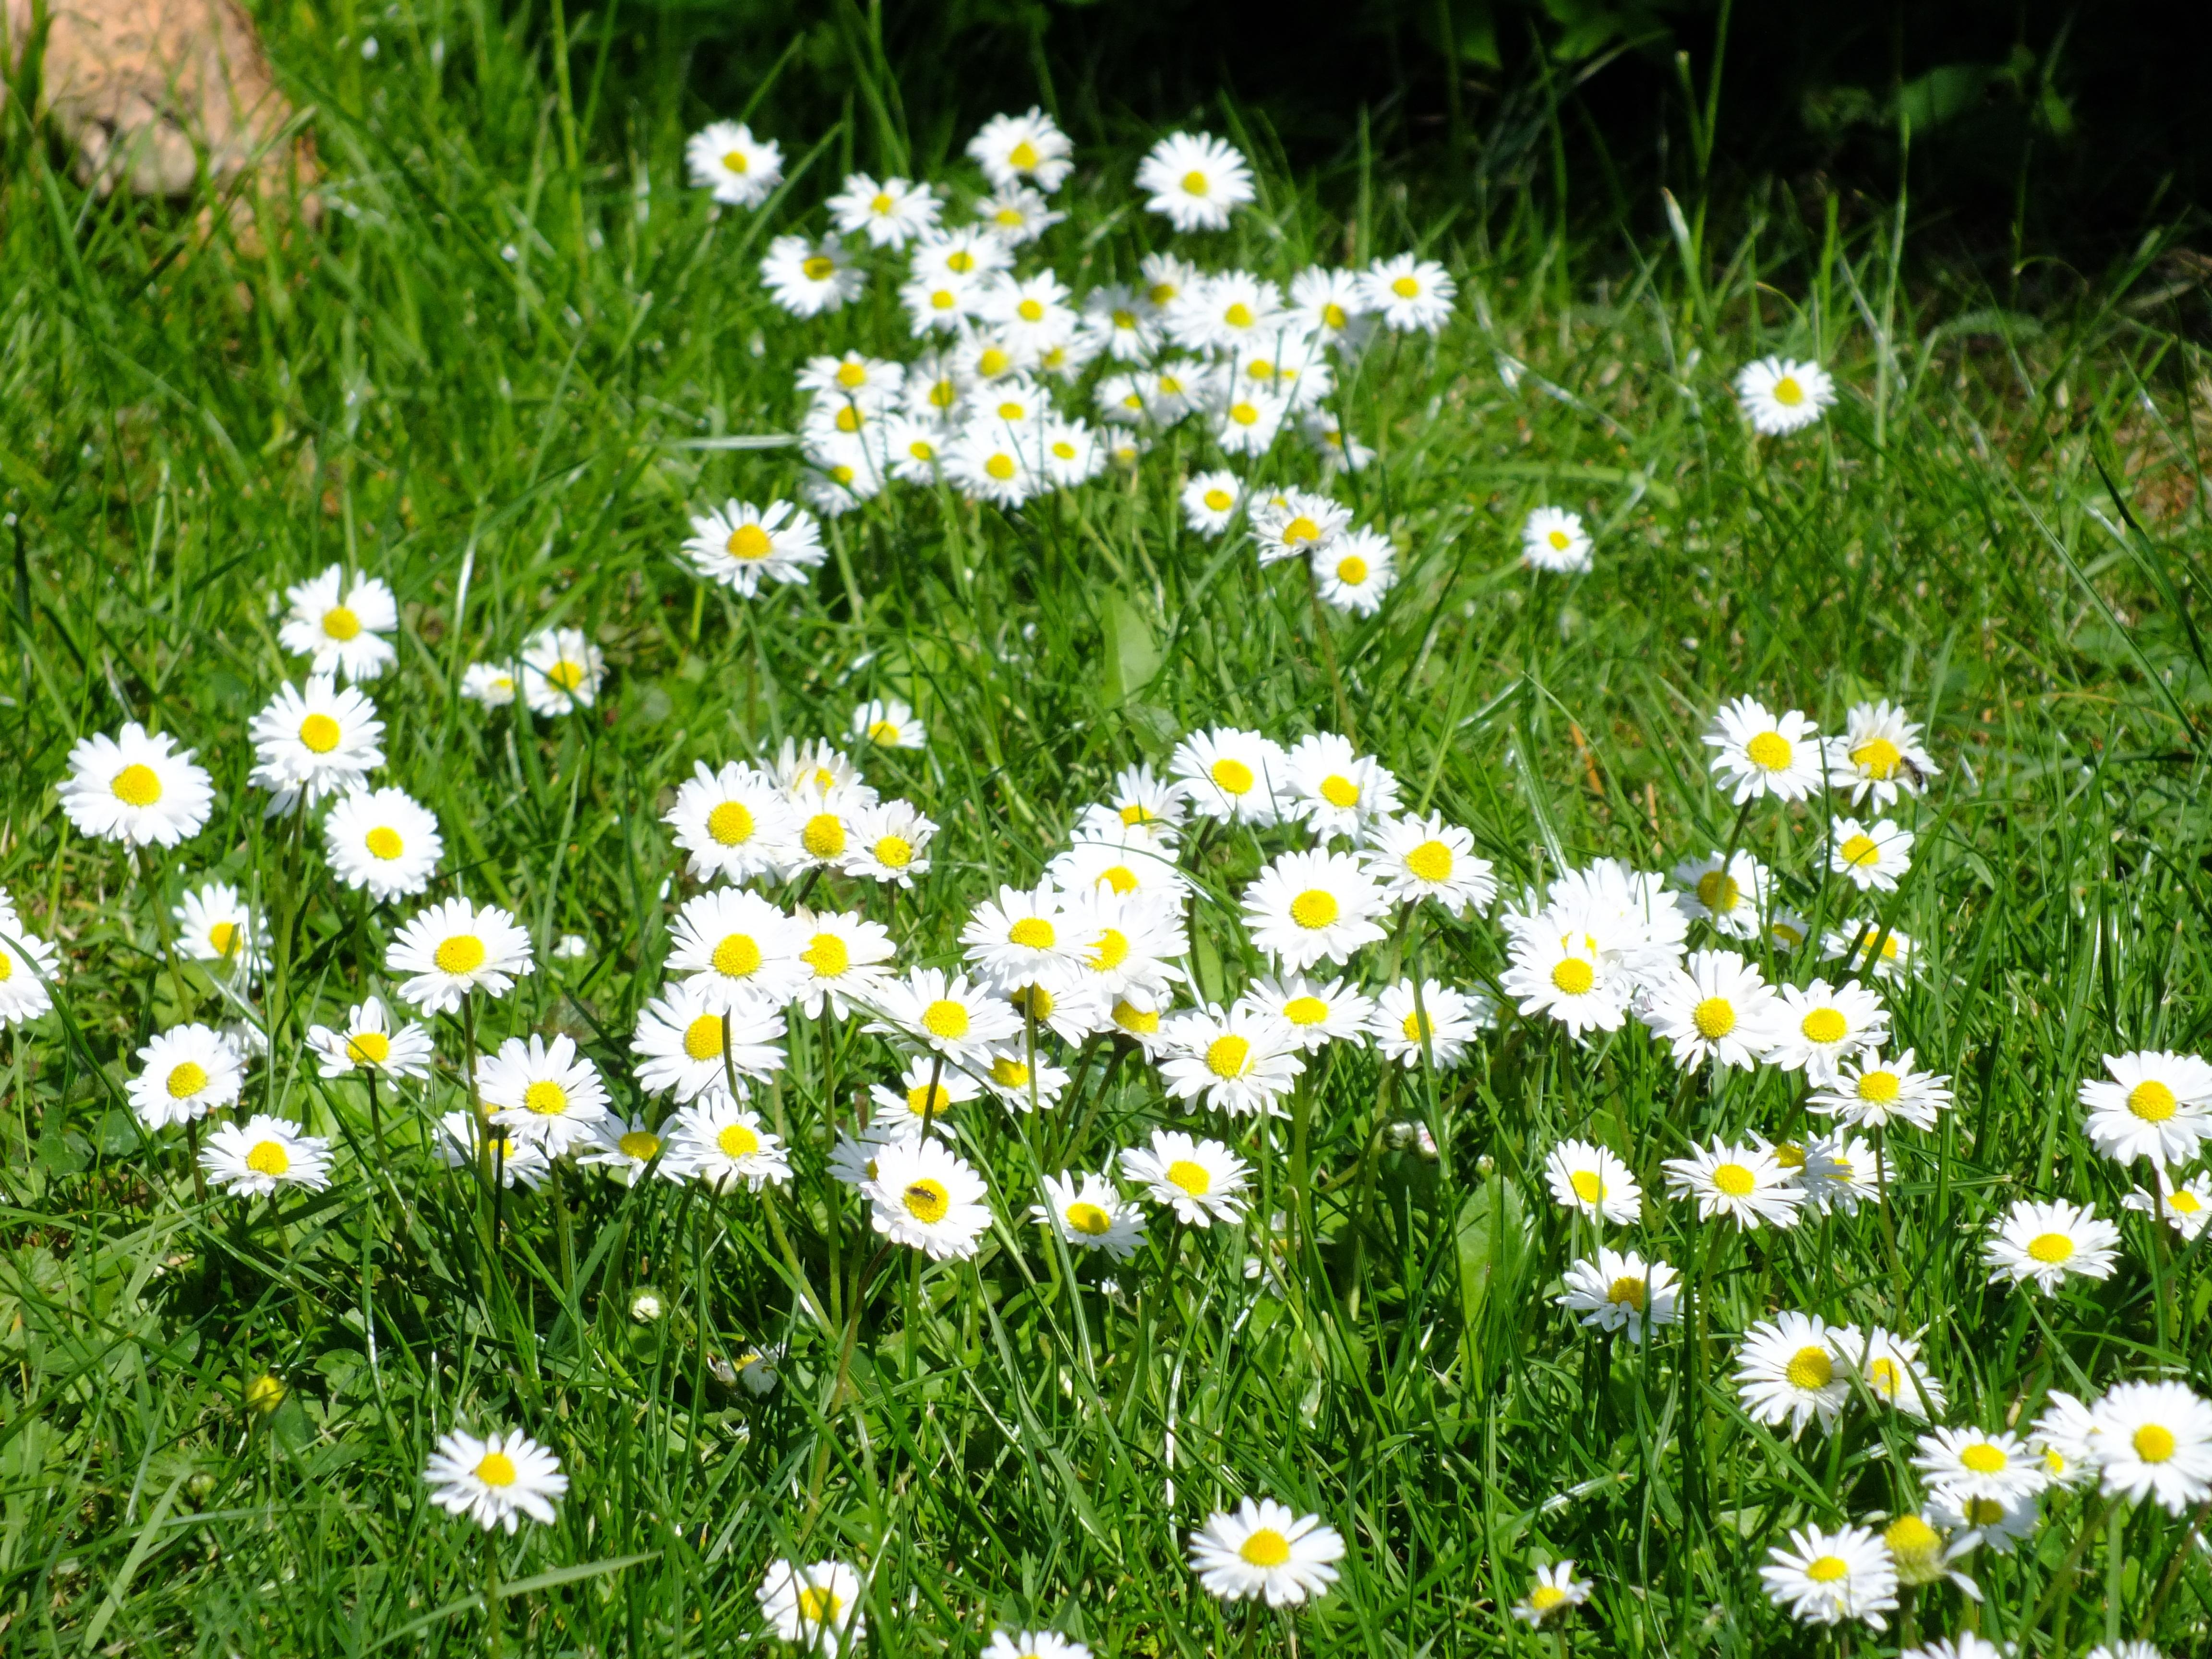 Immagini Belle : erba, prateria, fiore, primavera, botanica, flora ...